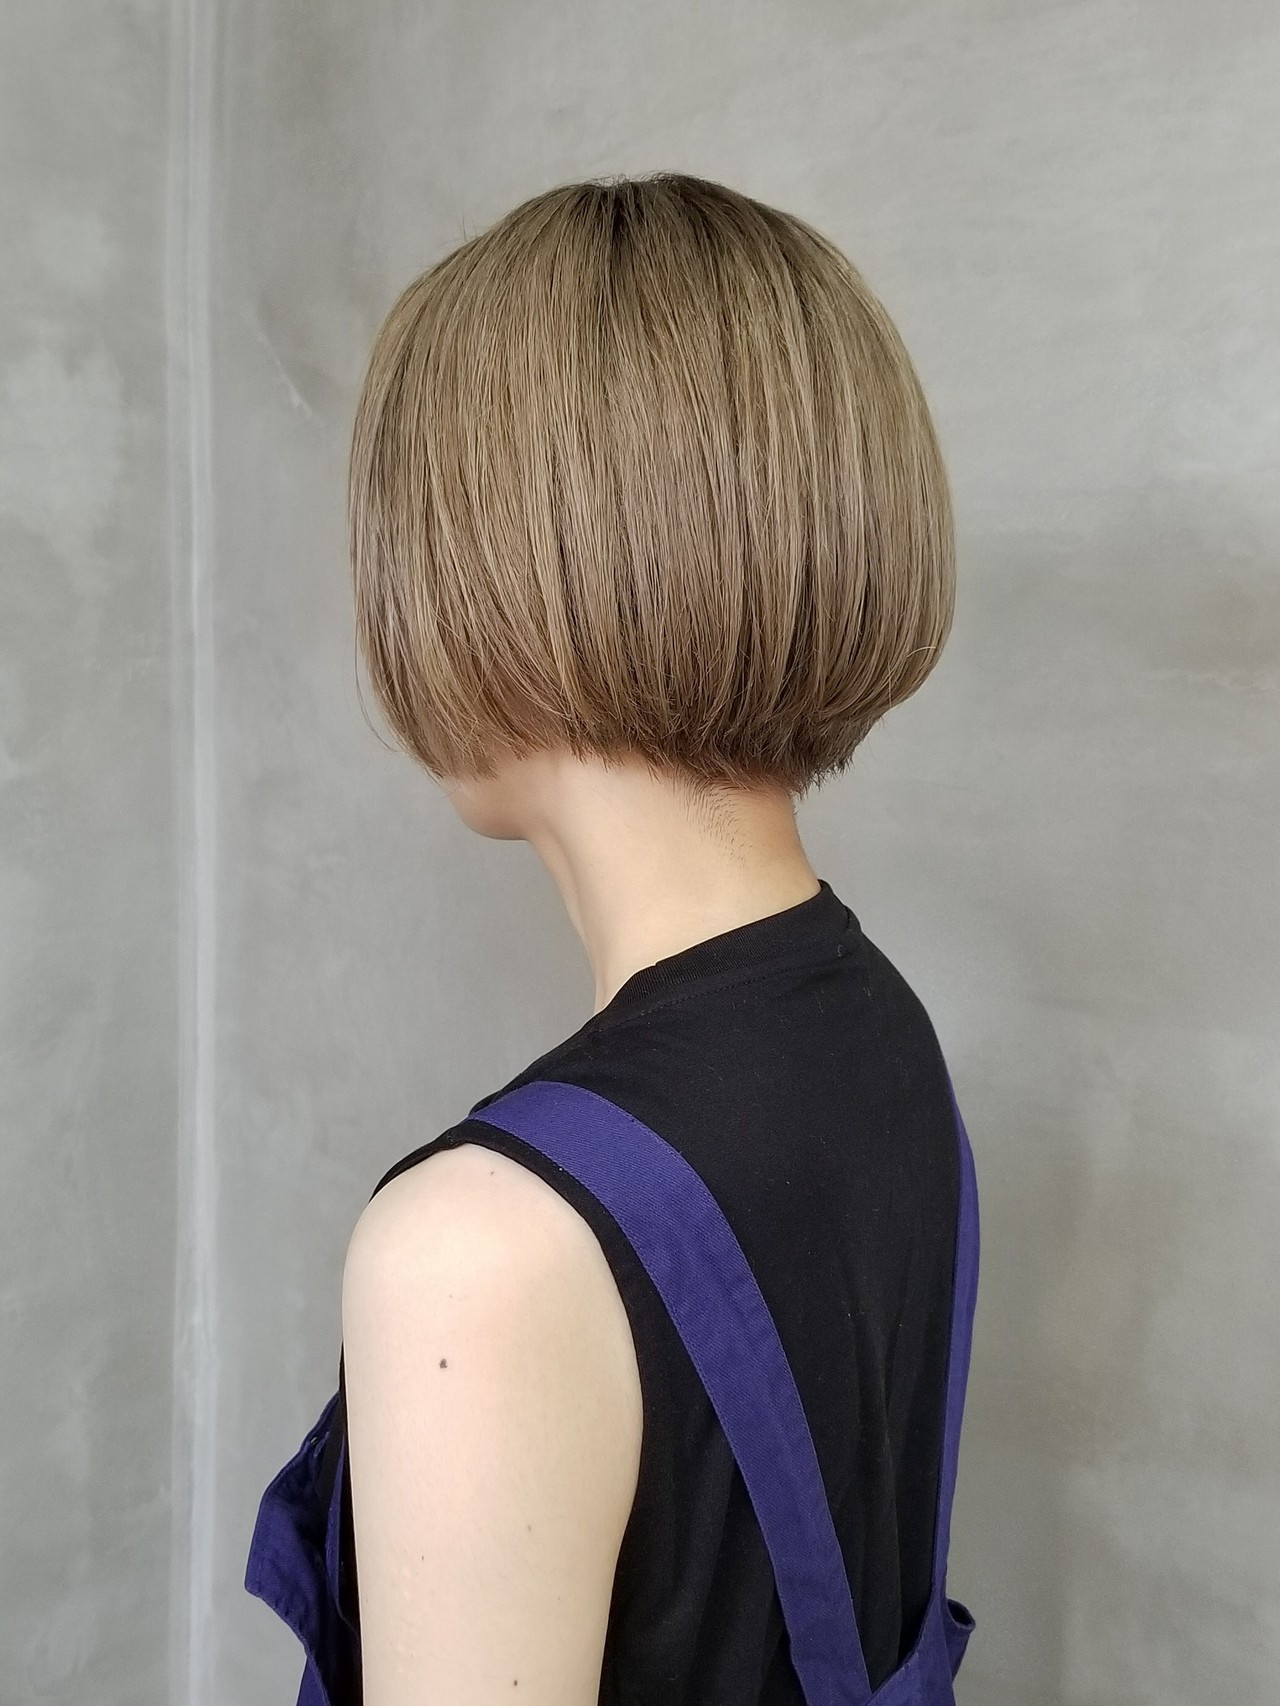 イルミナカラー ショートボブ ベリーショート ミニボブ ヘアスタイルや髪型の写真・画像